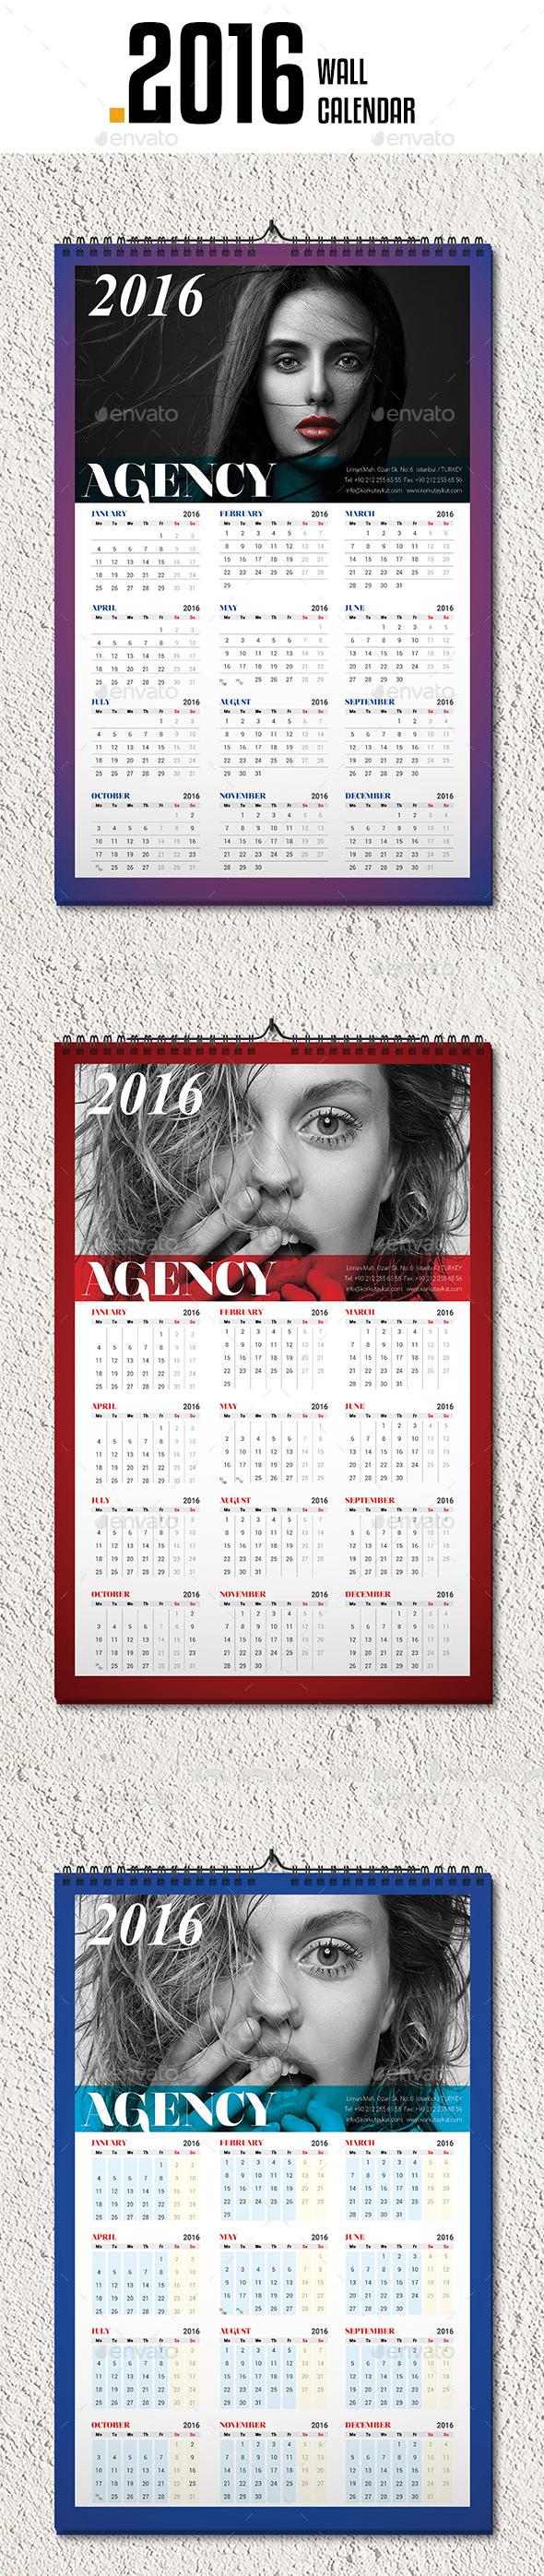 Wall Calendar 2016 v5